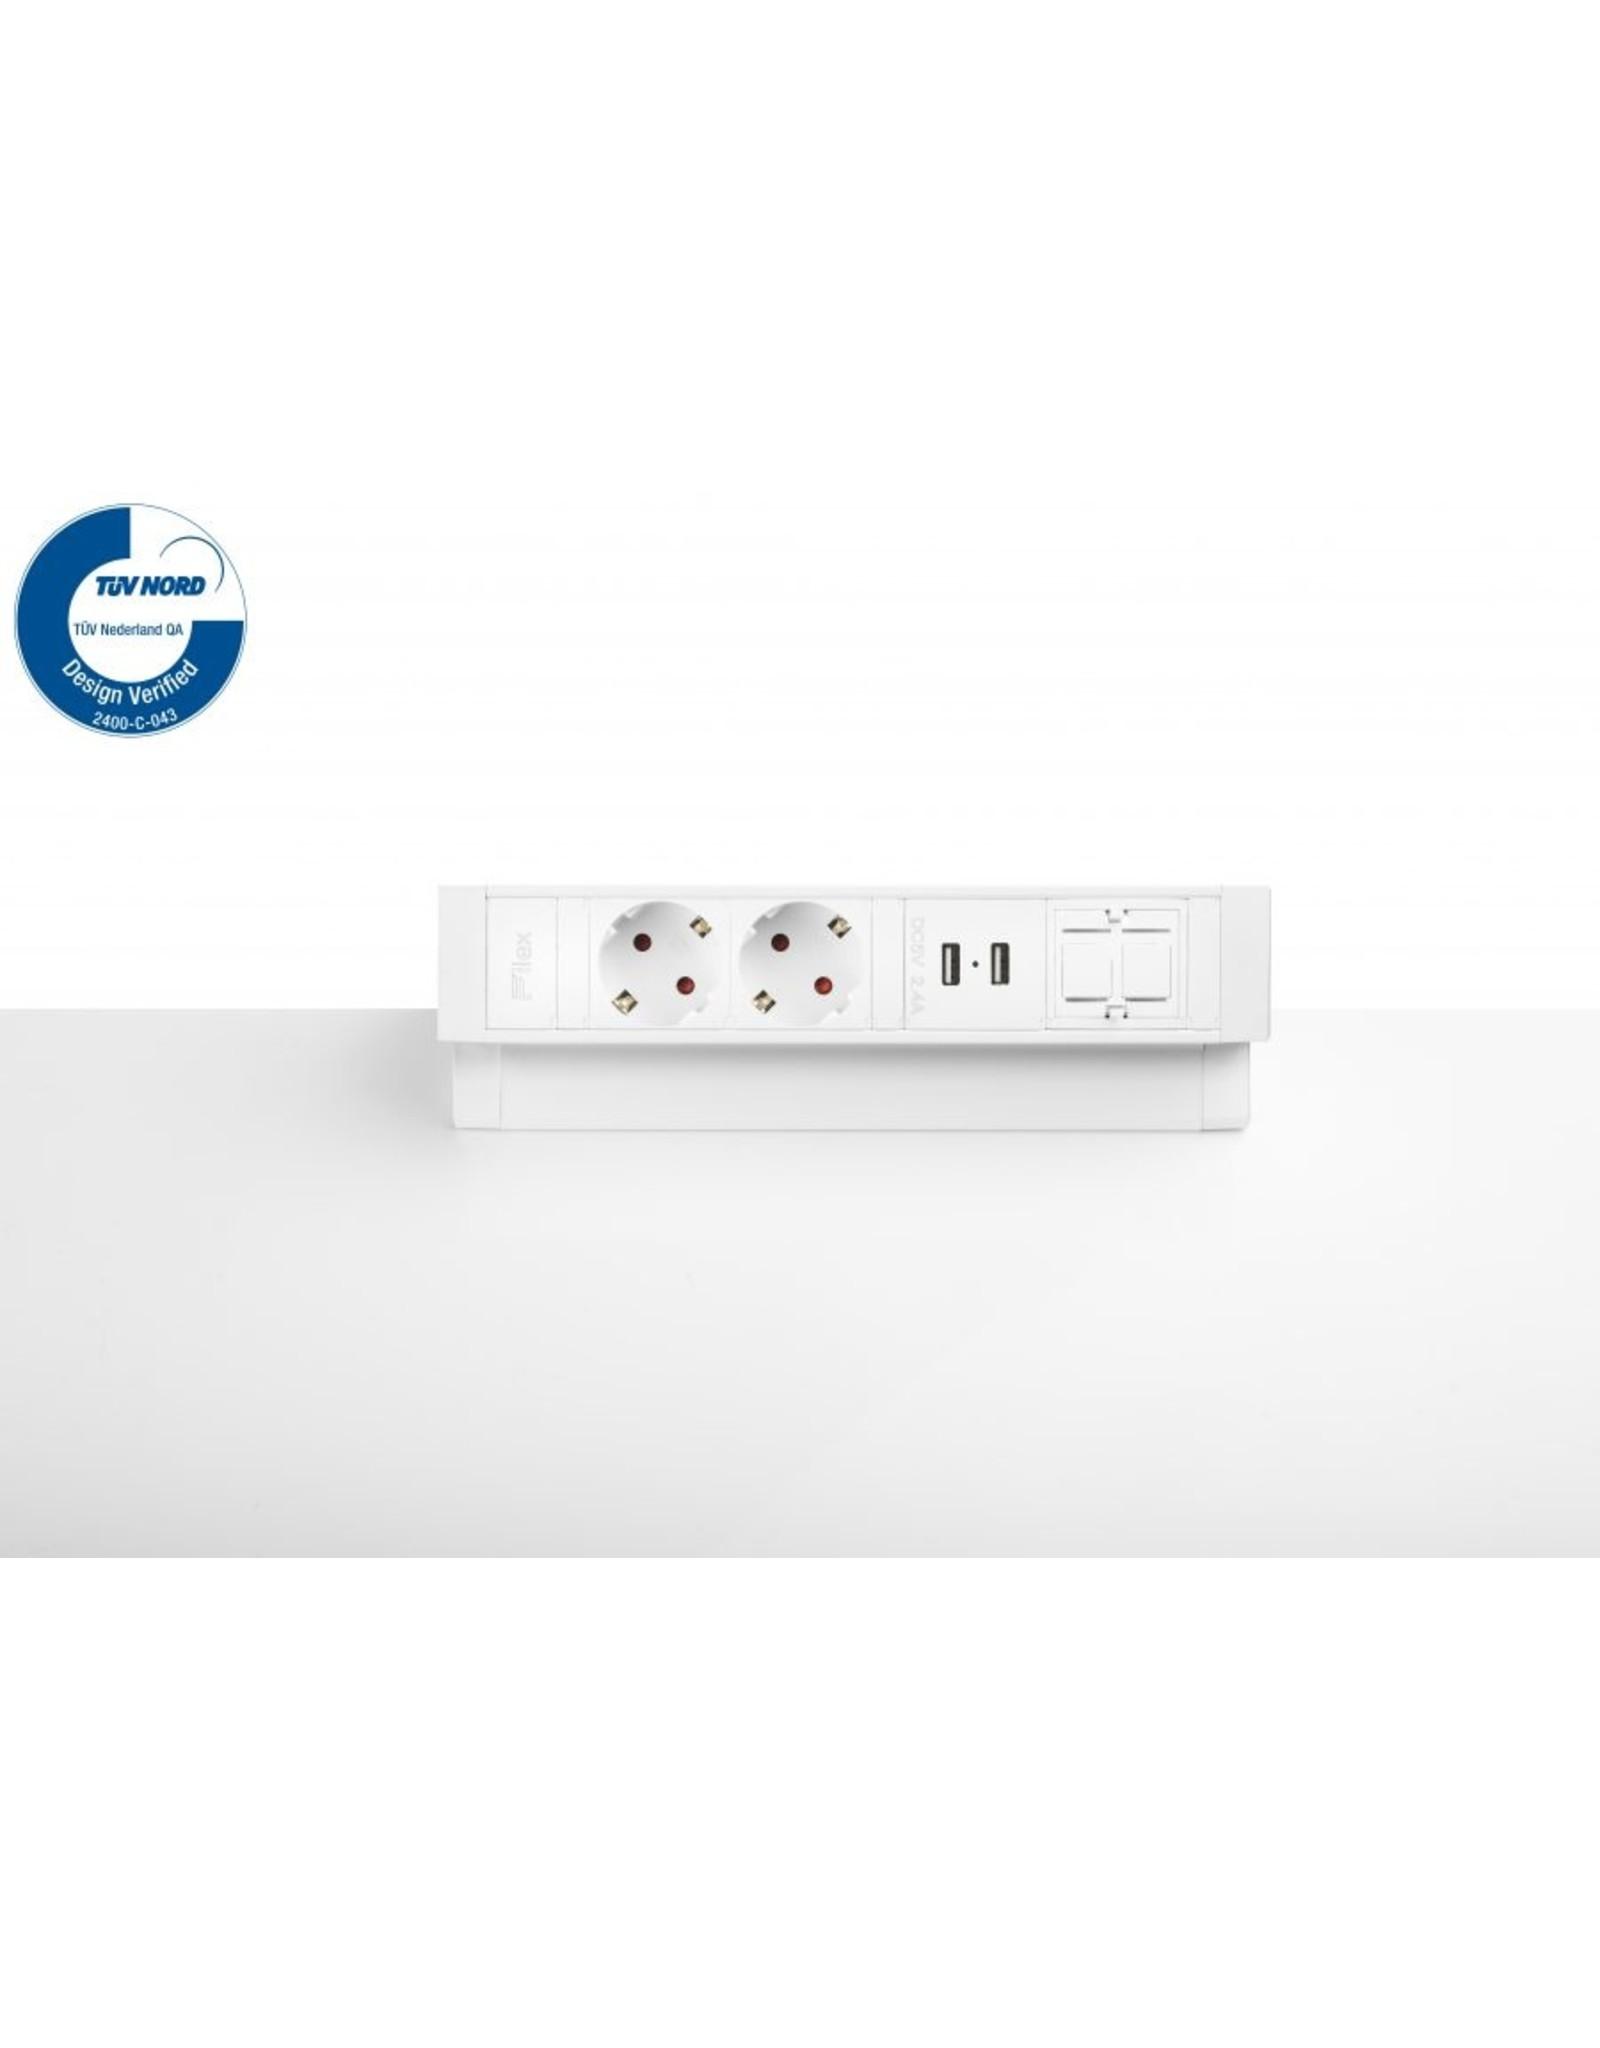 Ergo Power Desk up 2.0 - 2x 230V - 2x USB charger - 1x keystone